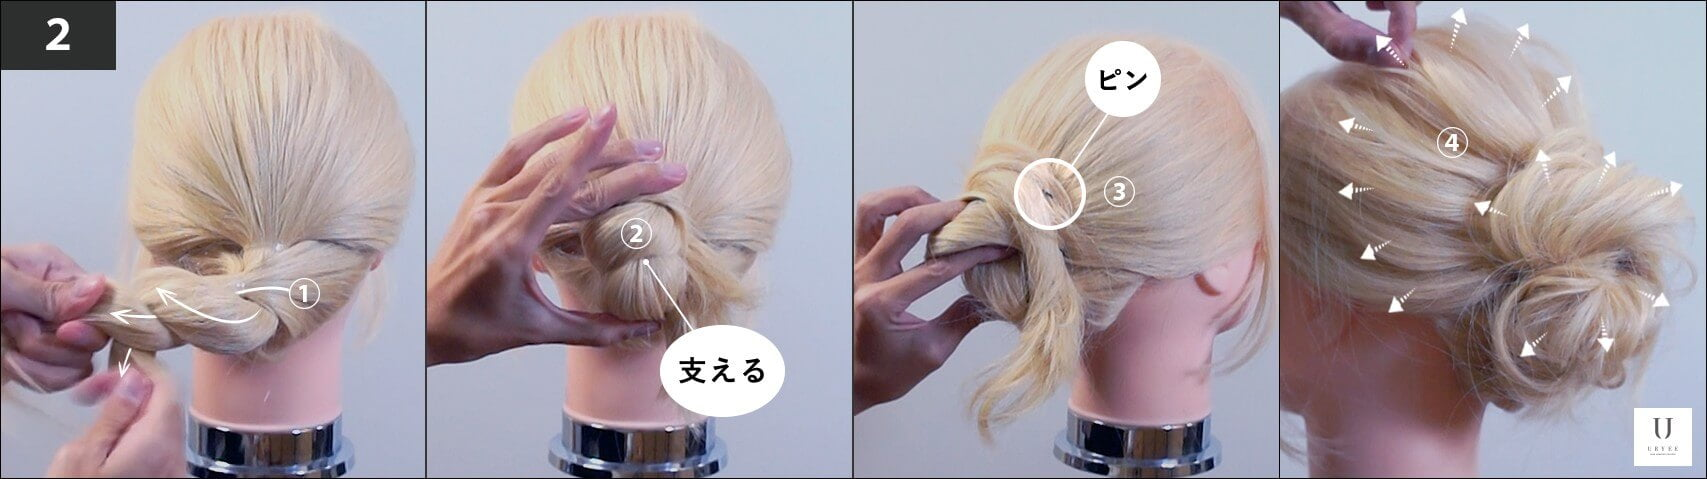 崩れない髪型 シニヨン(お団子)アレンジ